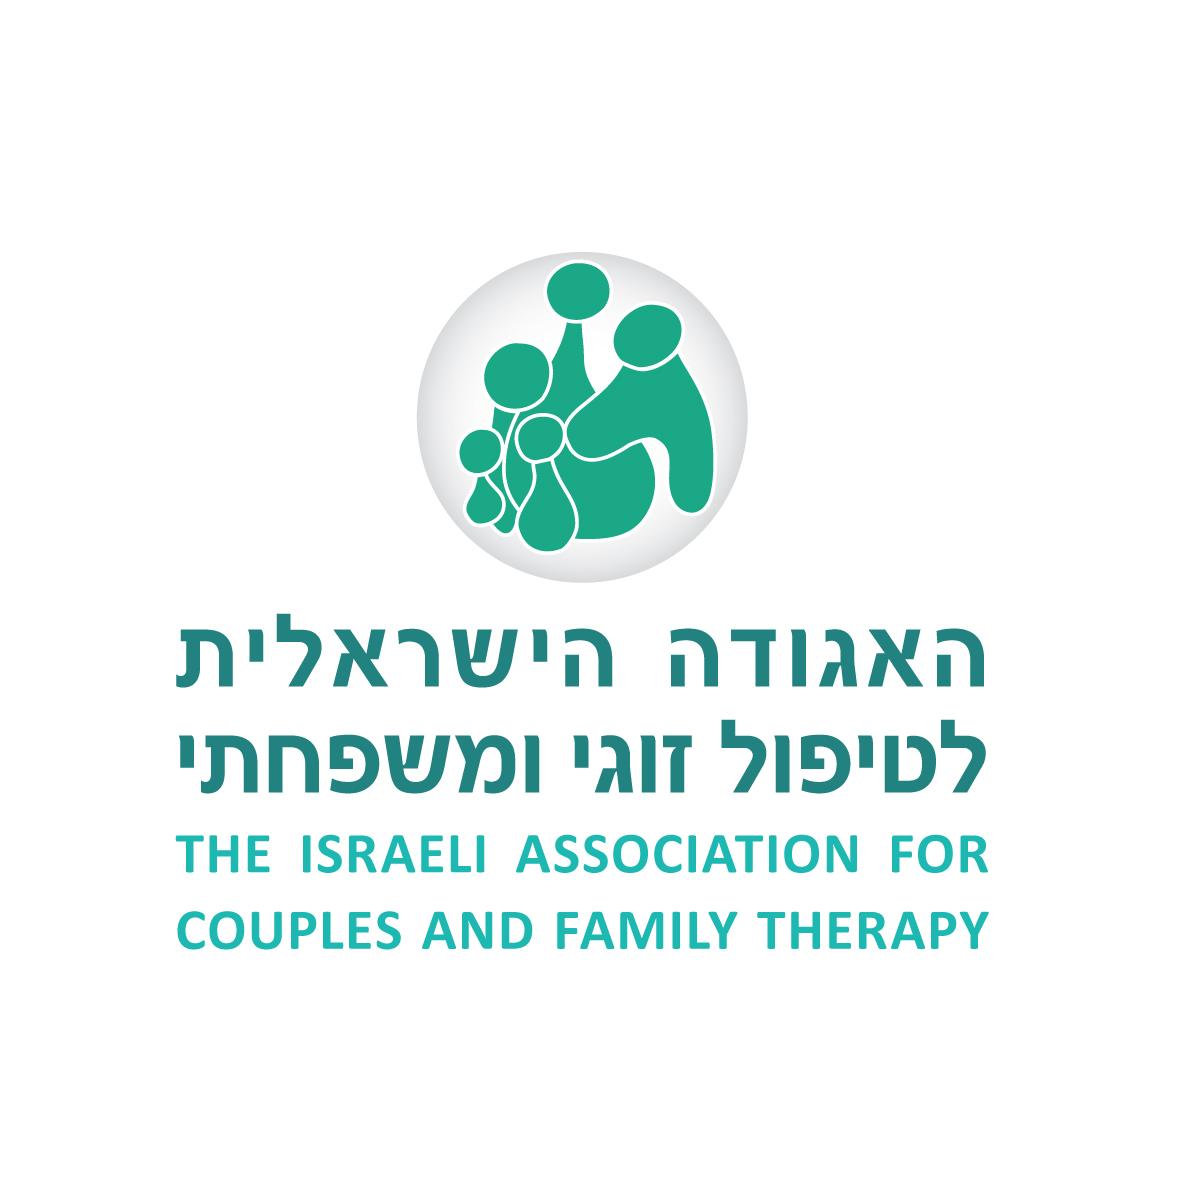 לוגו האגודה לטיפול זוגי ומשפחתי